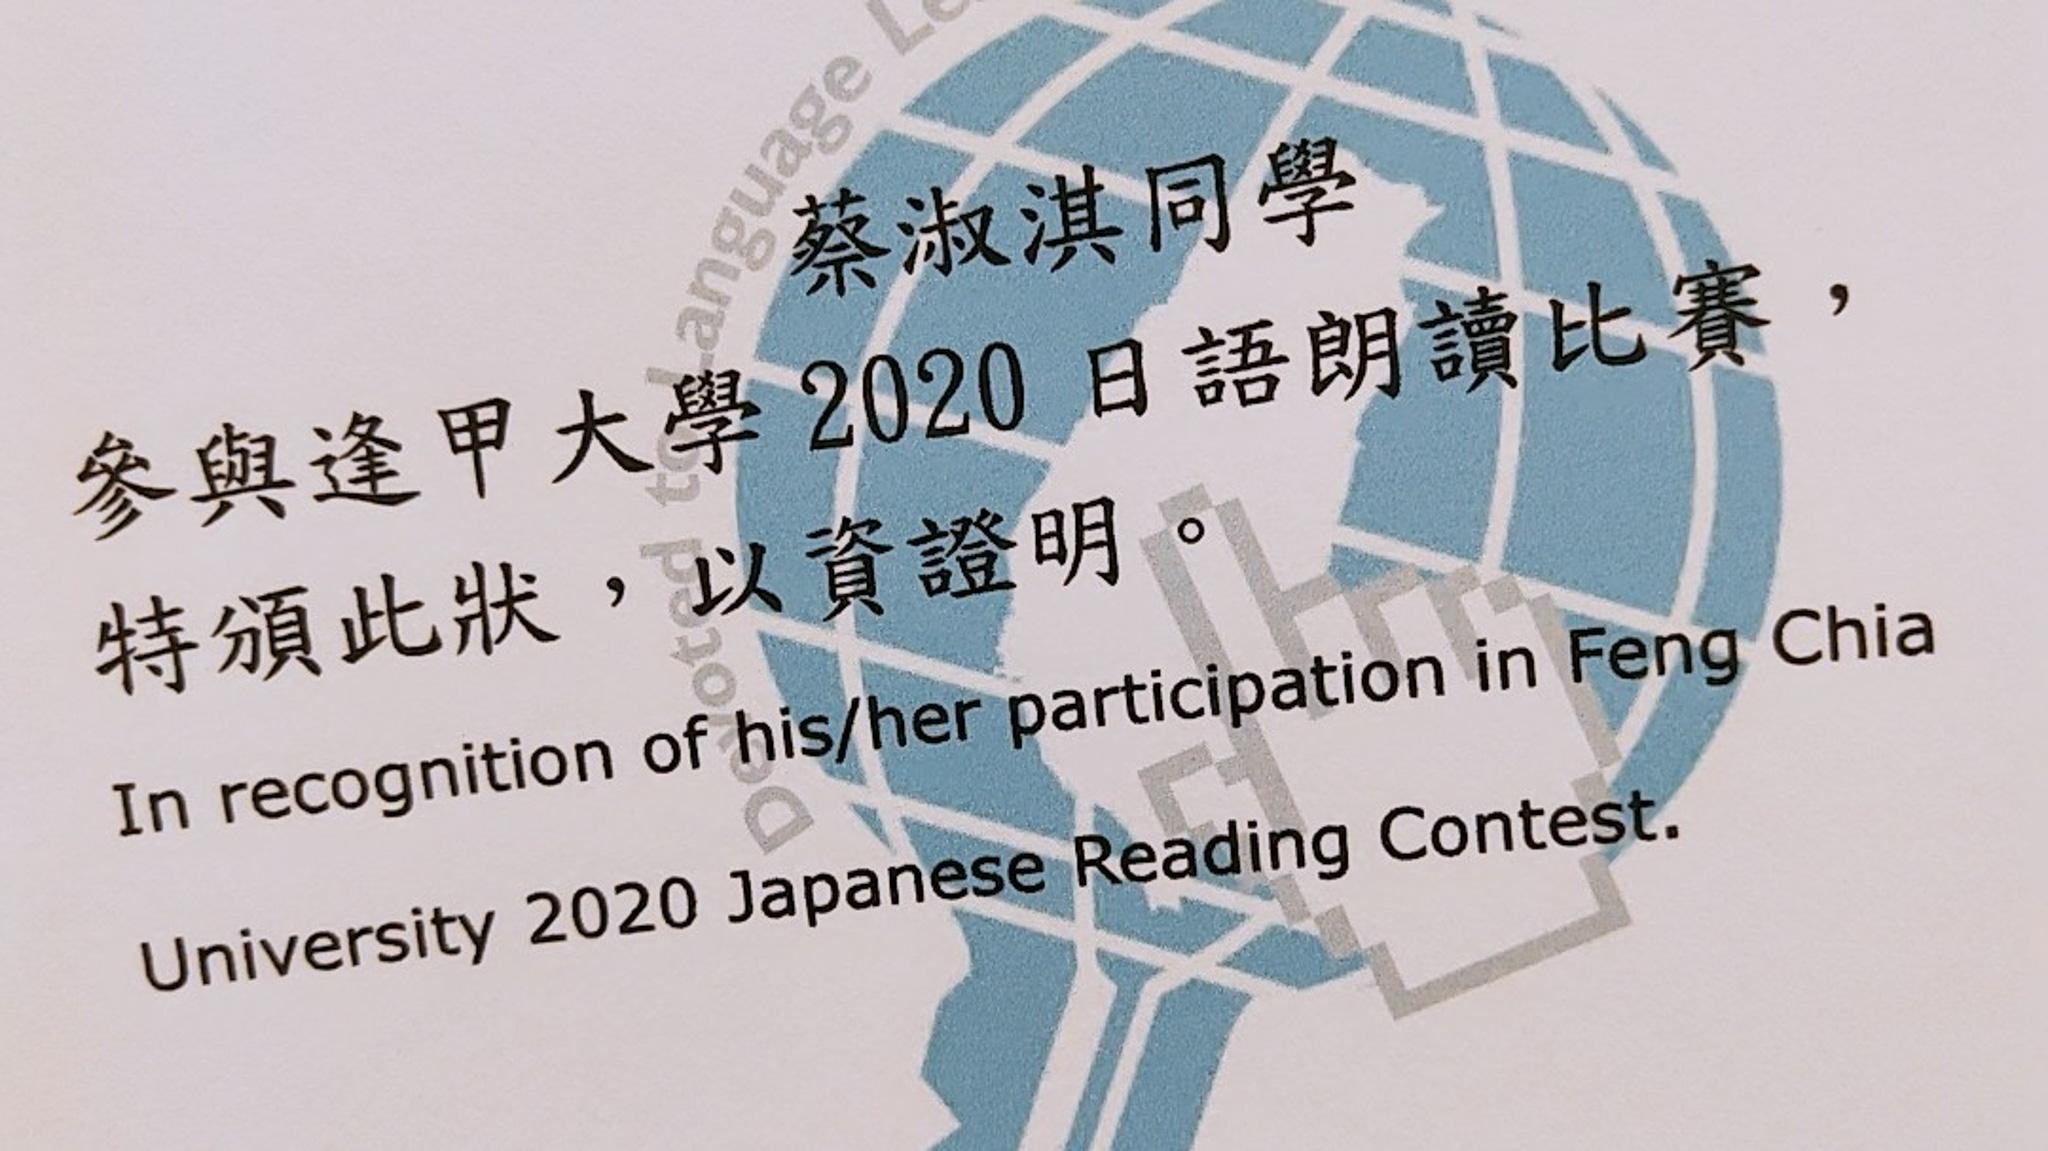 參與逢甲大學外語教學中心舉辦的日語簡報比賽和日語朗讀比賽